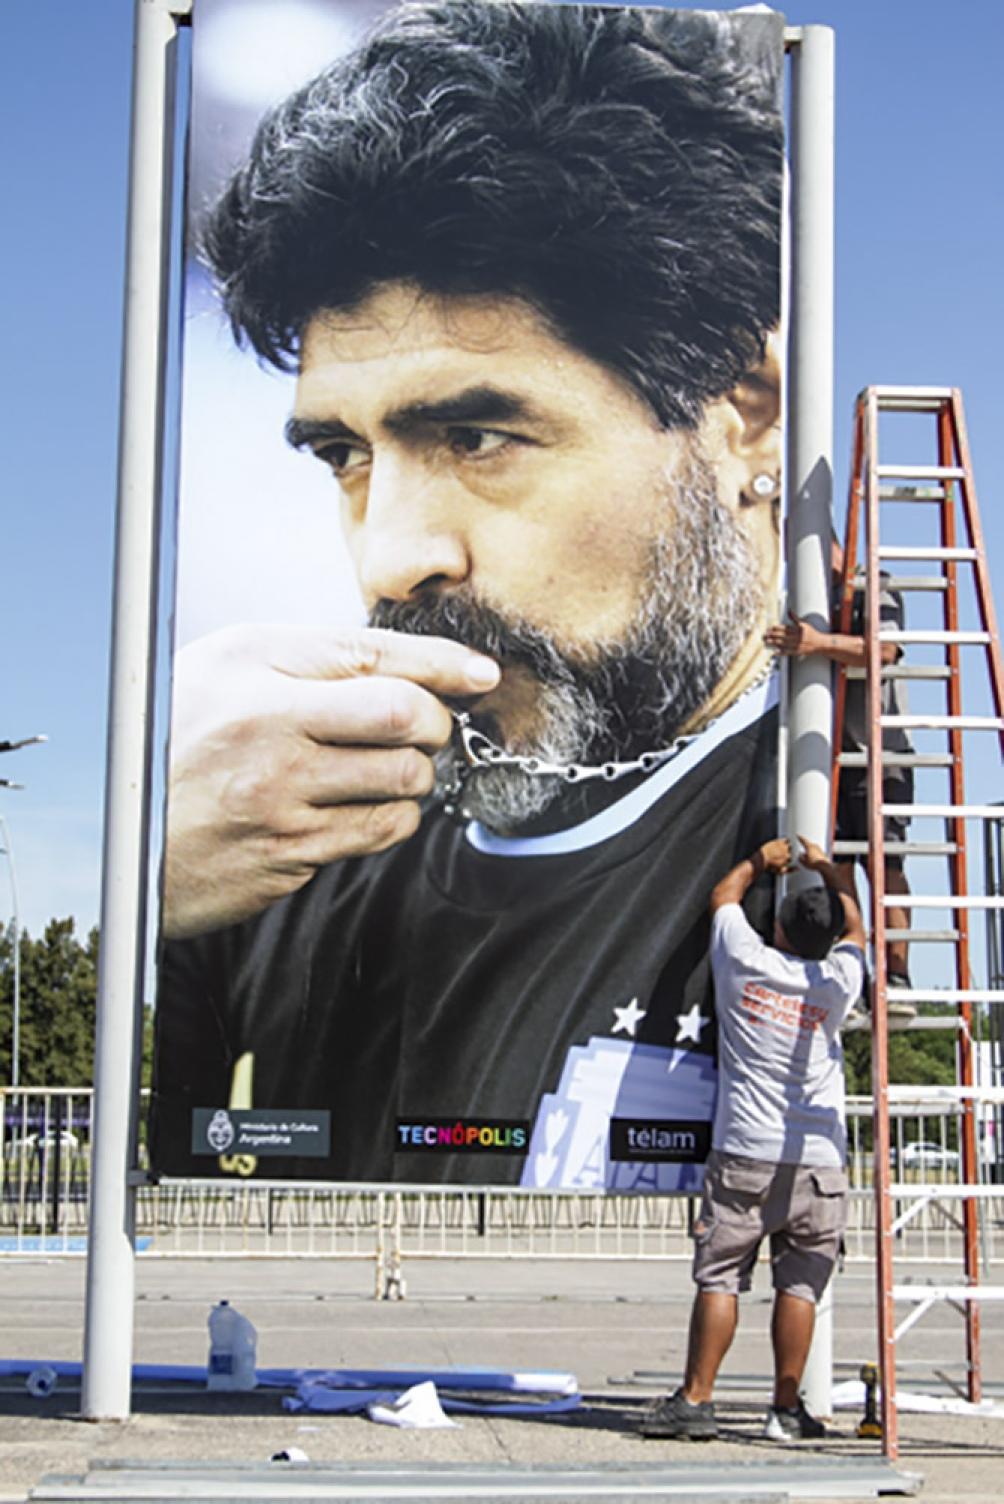 La muestra se realizó seleccionando 10 fotografías de la vida de Maradona.